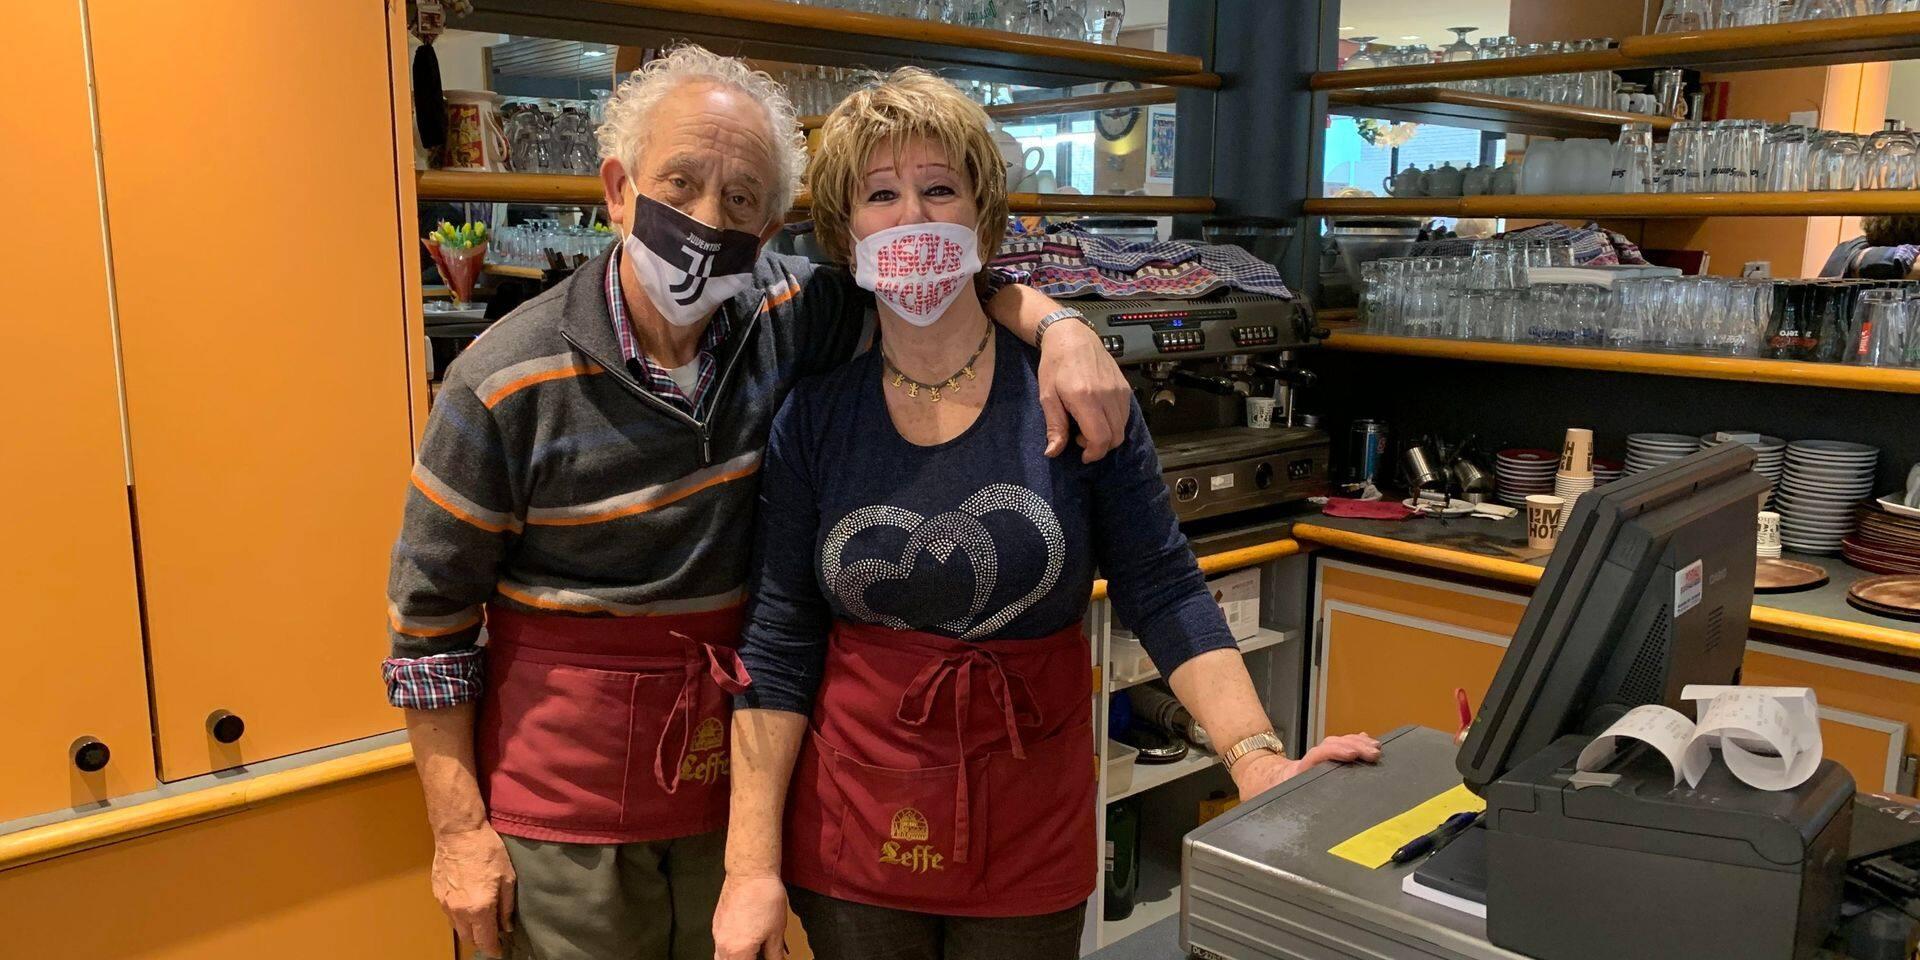 """Le dernier jour du piccolo bar à Charleroi : """"arrivedercci amici"""""""